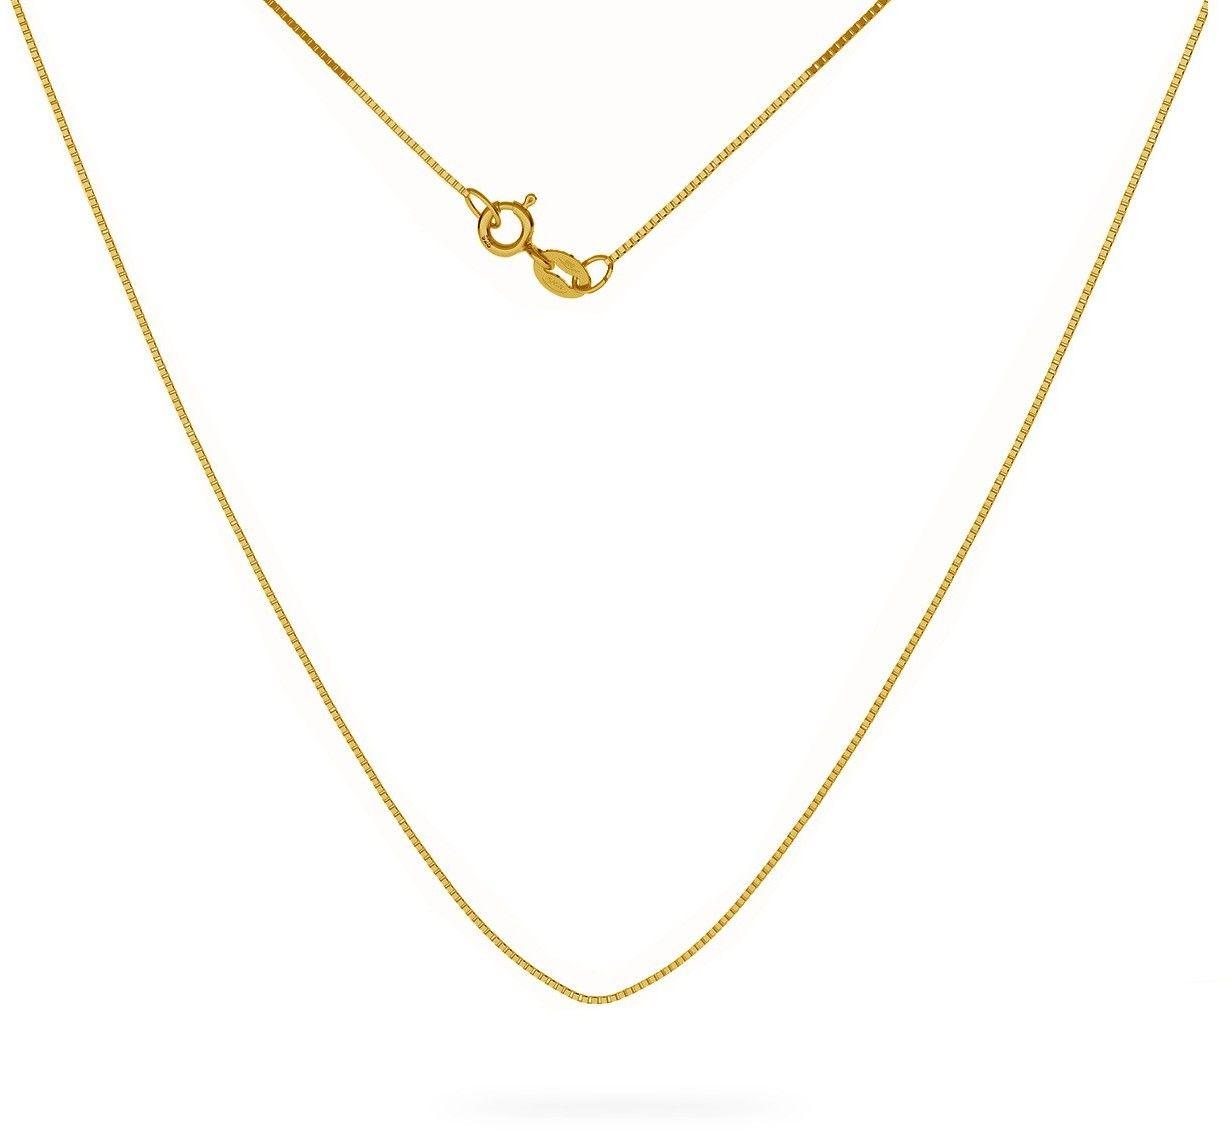 Srebrny łańcuszek kostka diamentowana, srebro 925 : Długość (cm) - 50, Srebro - kolor pokrycia - Pokrycie żółtym 18K złotem